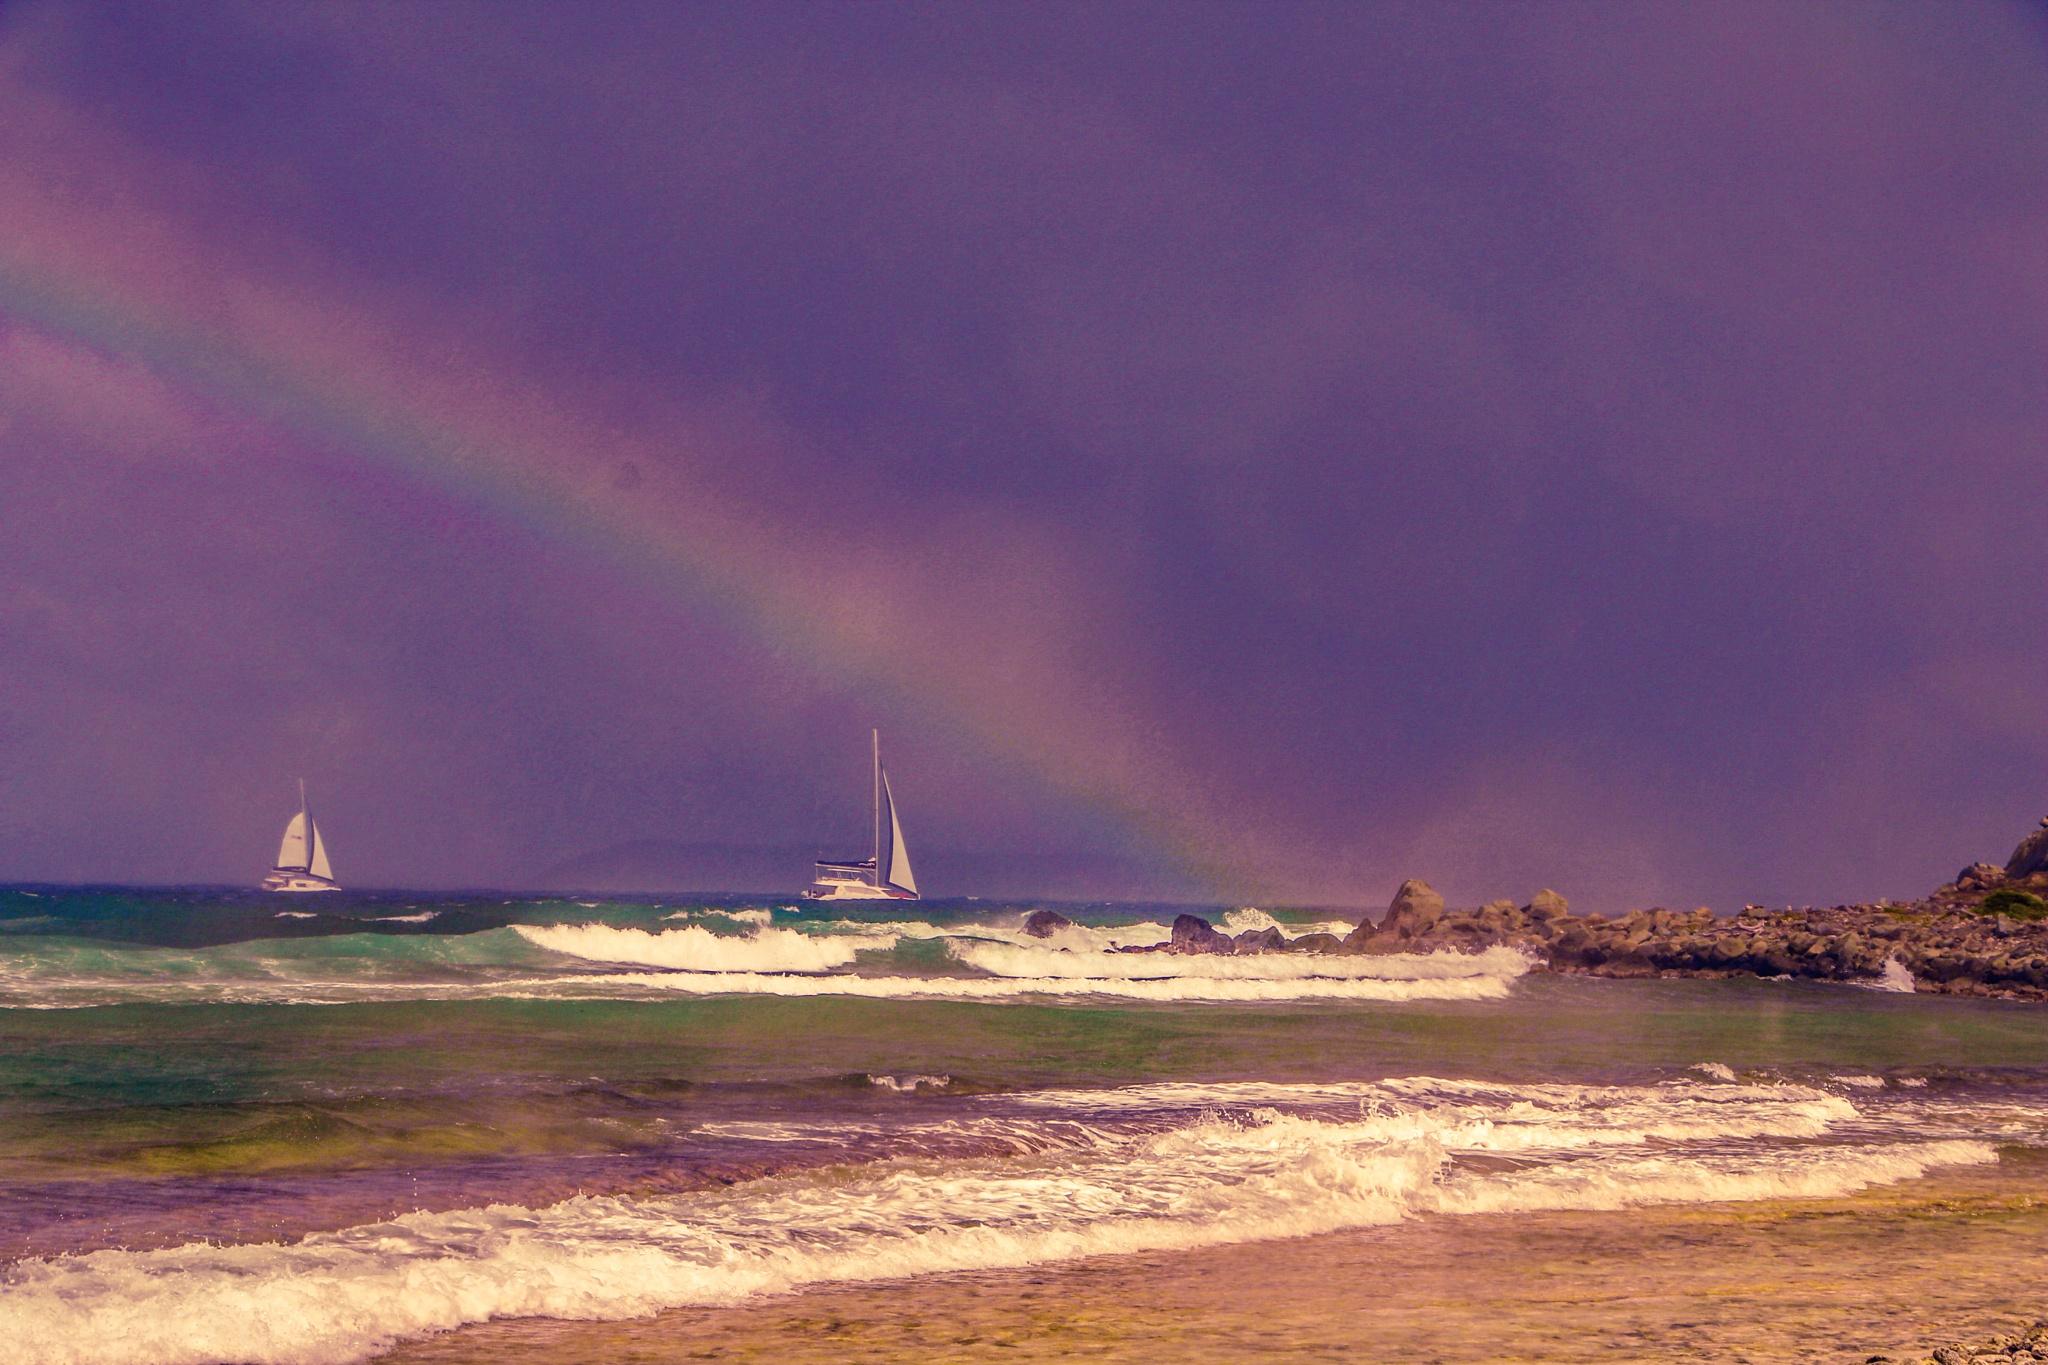 Waves, sails and rainbow by djaffar adane